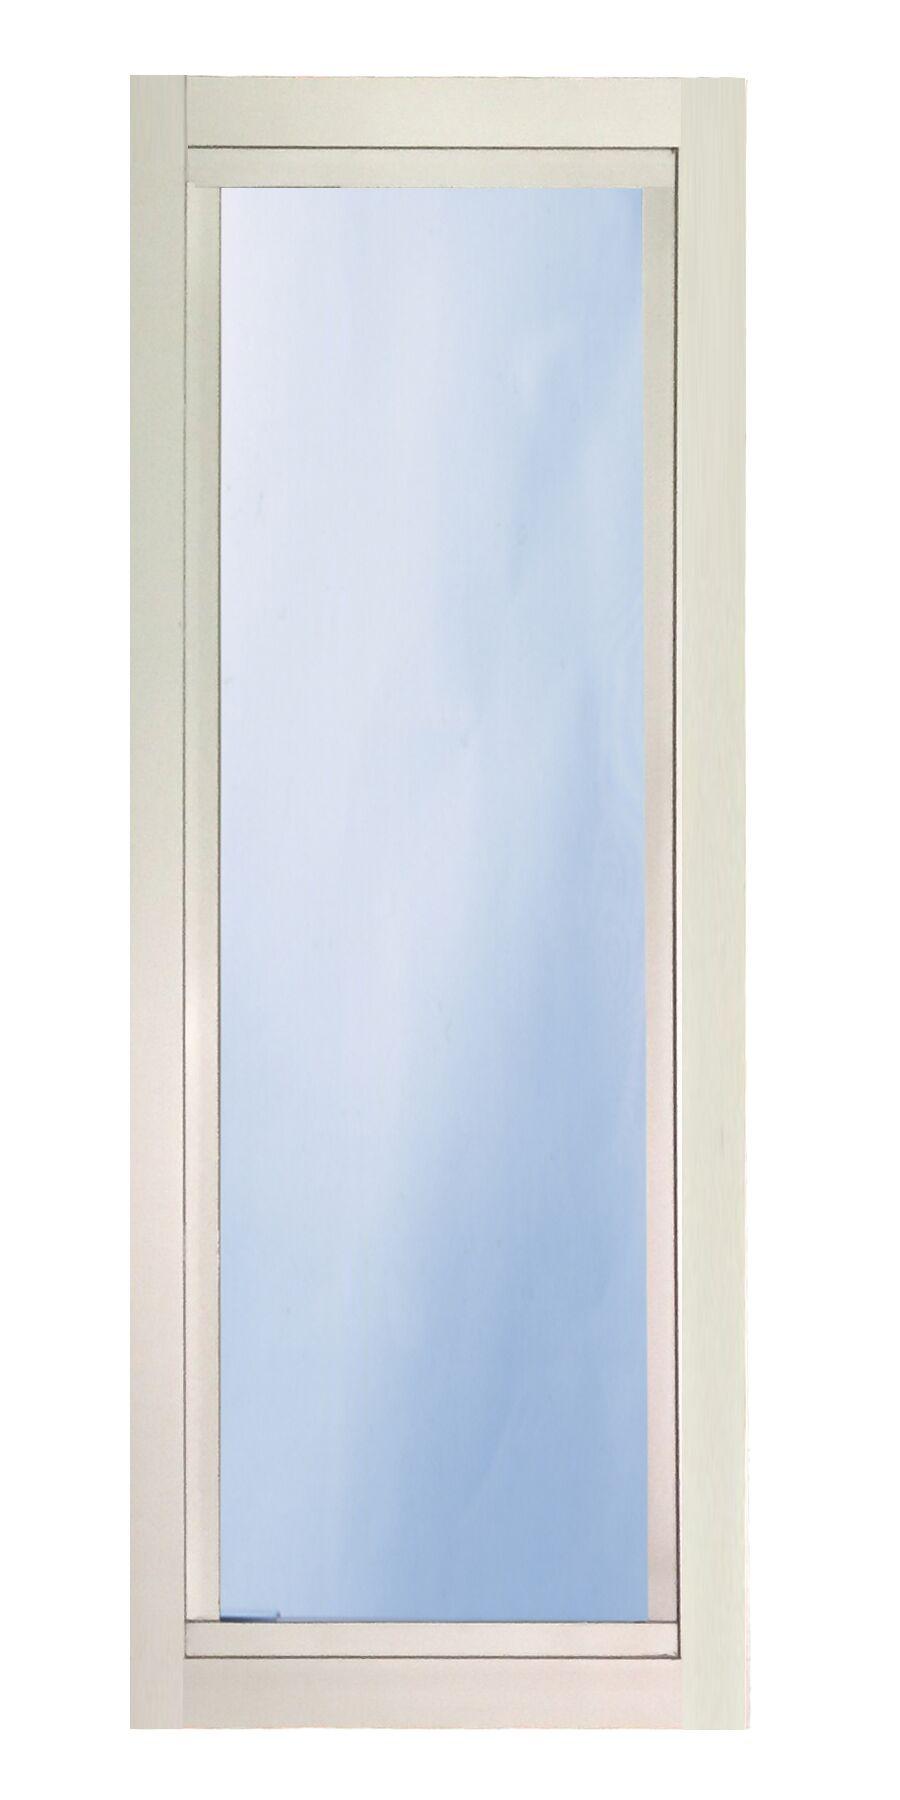 Sidelight / approach window